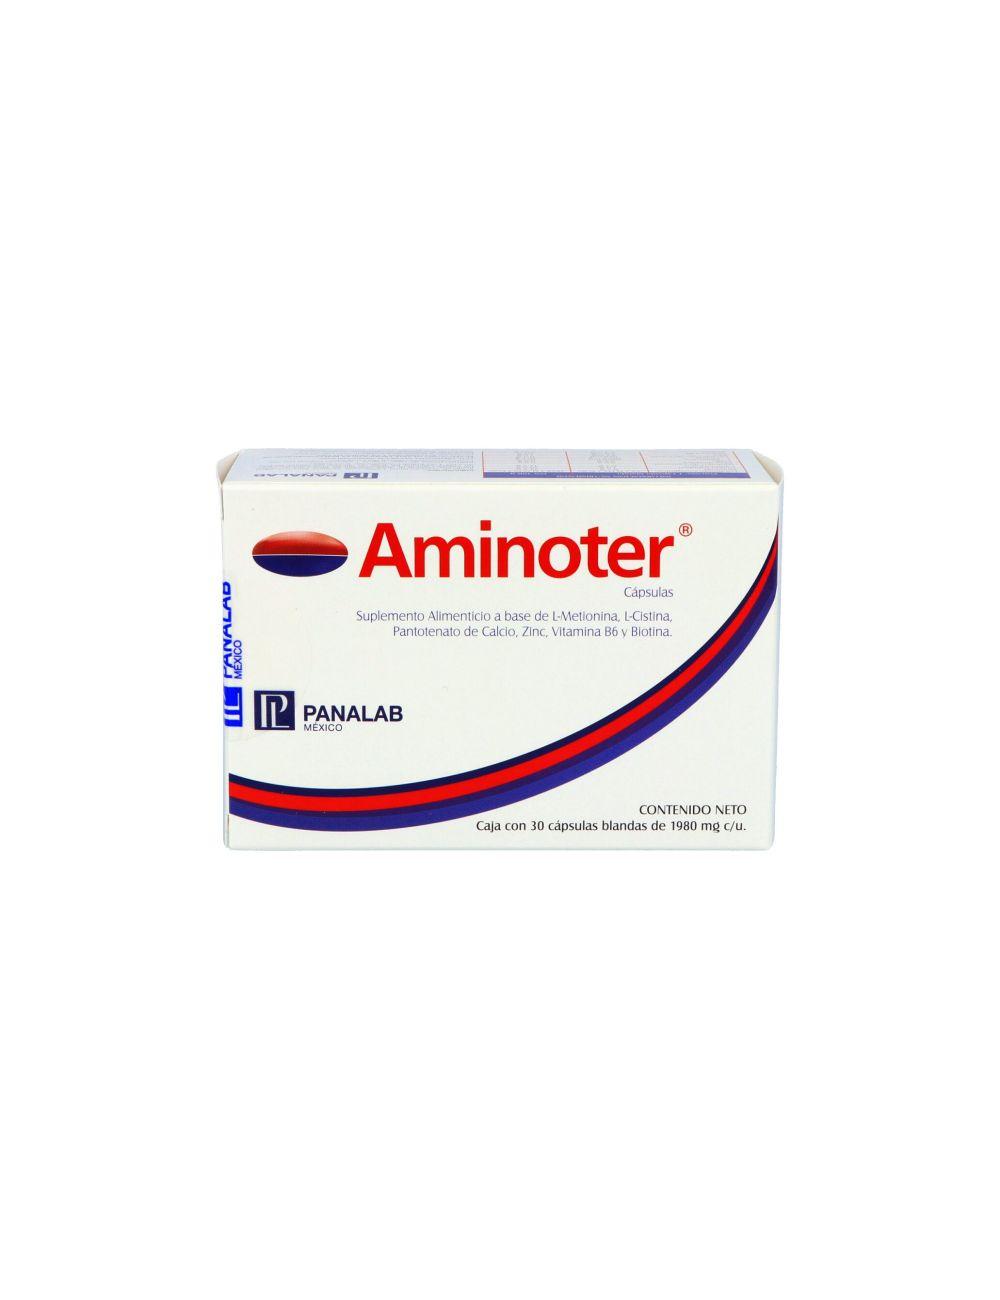 Aminoter Caja Con 30 Cápsulas.